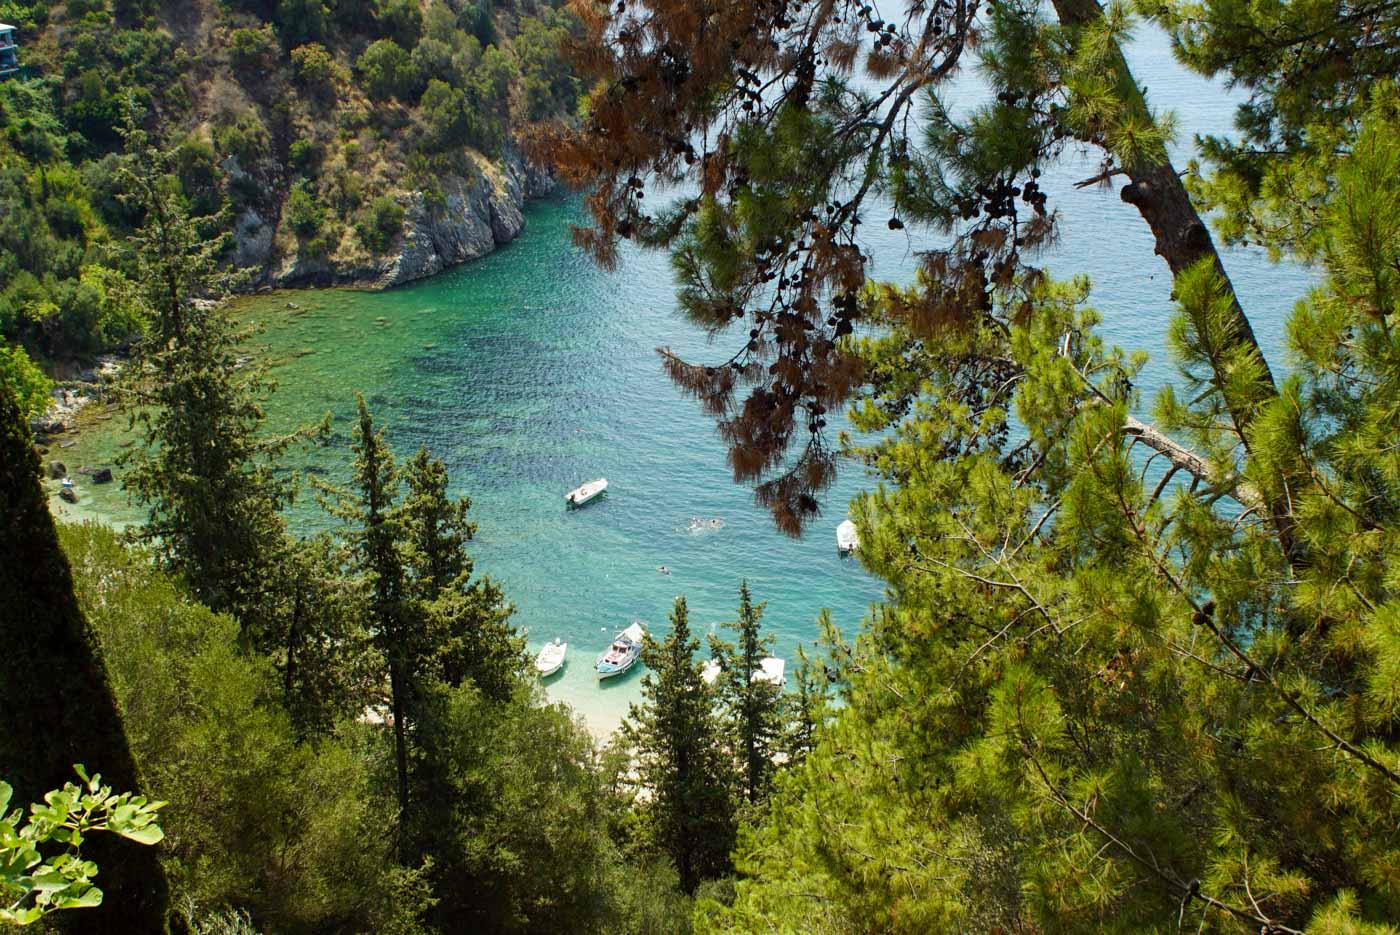 Blick durch einen bald auf eine typische griechische Bucht mit türkisfarbenen Wasser das langsam dunkler wird. In der Bucht schwimmen ein paar Leute und es sind ein paar kleine Boote am Strand zu sehen